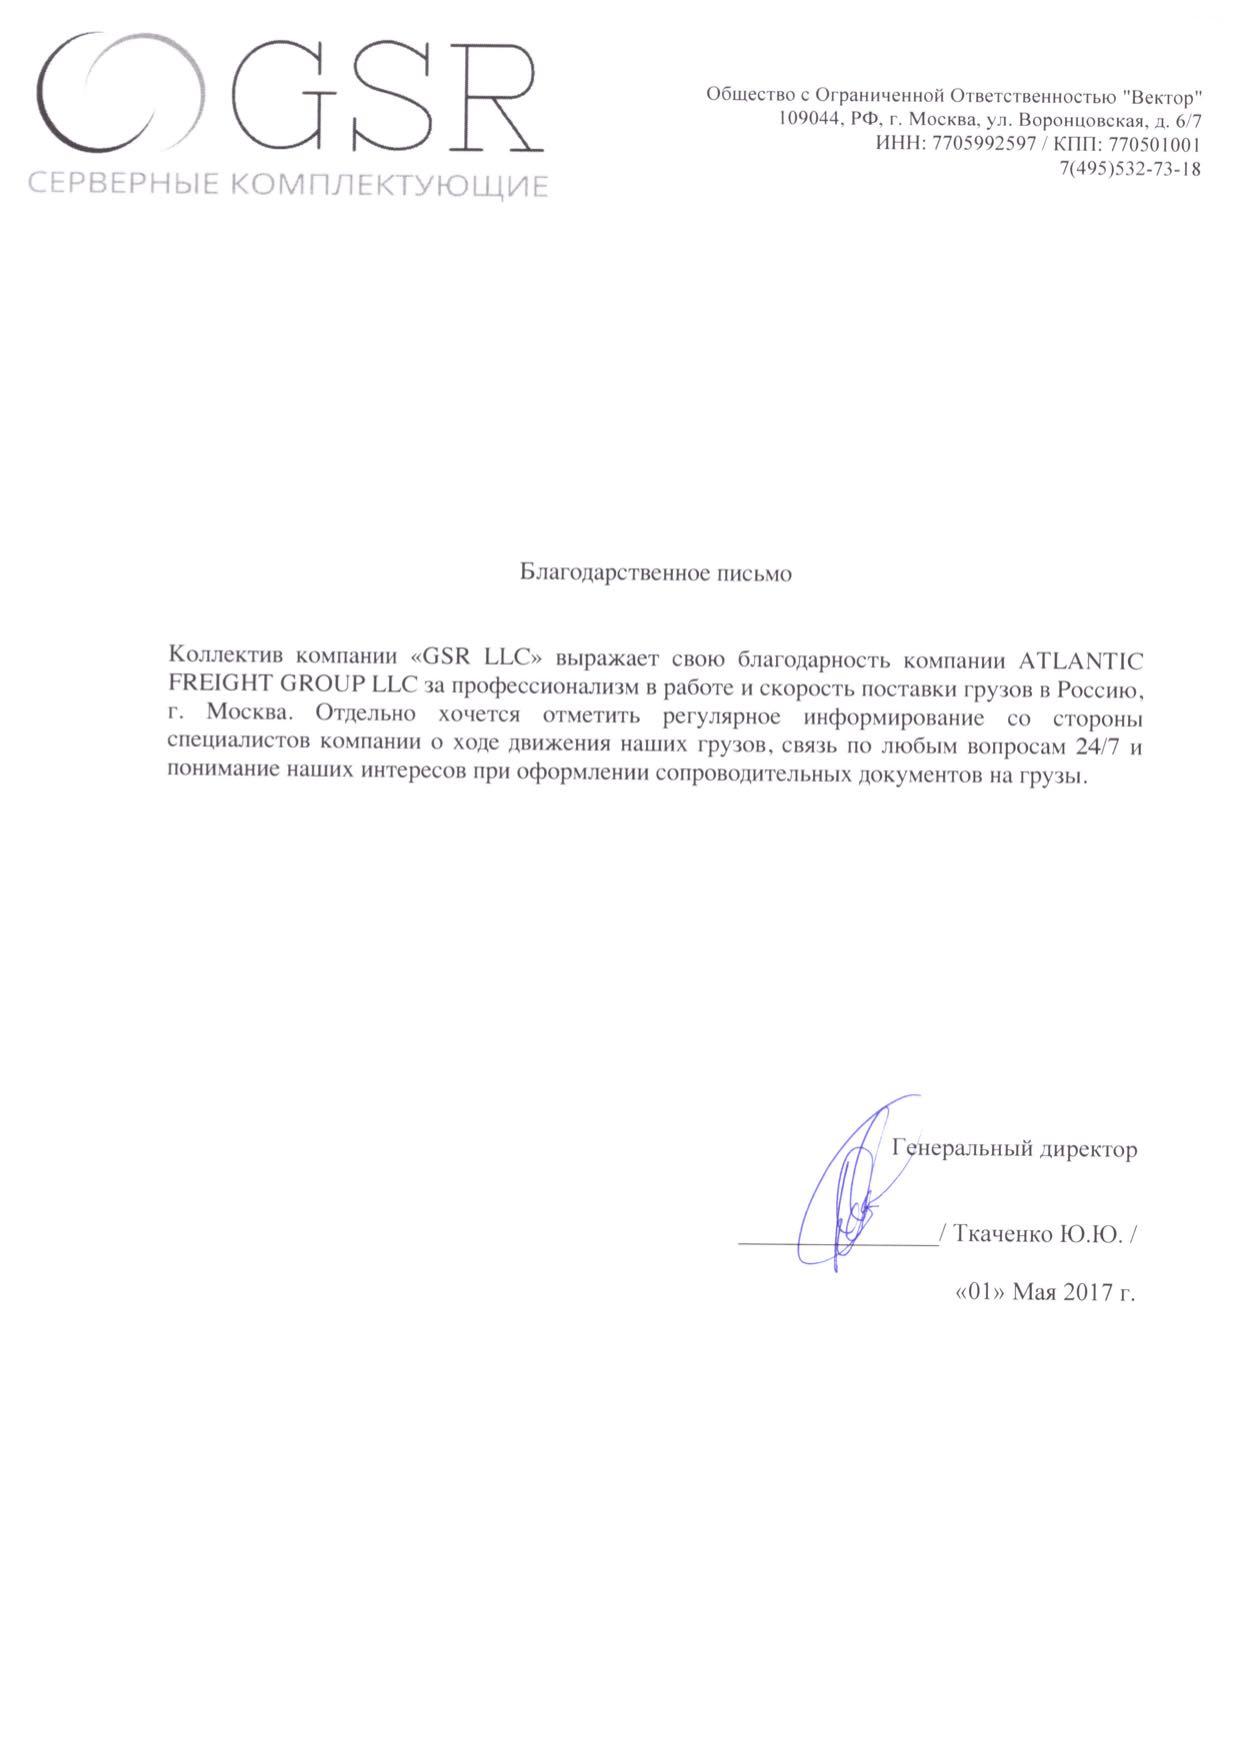 Доставка косметики из сша в россию